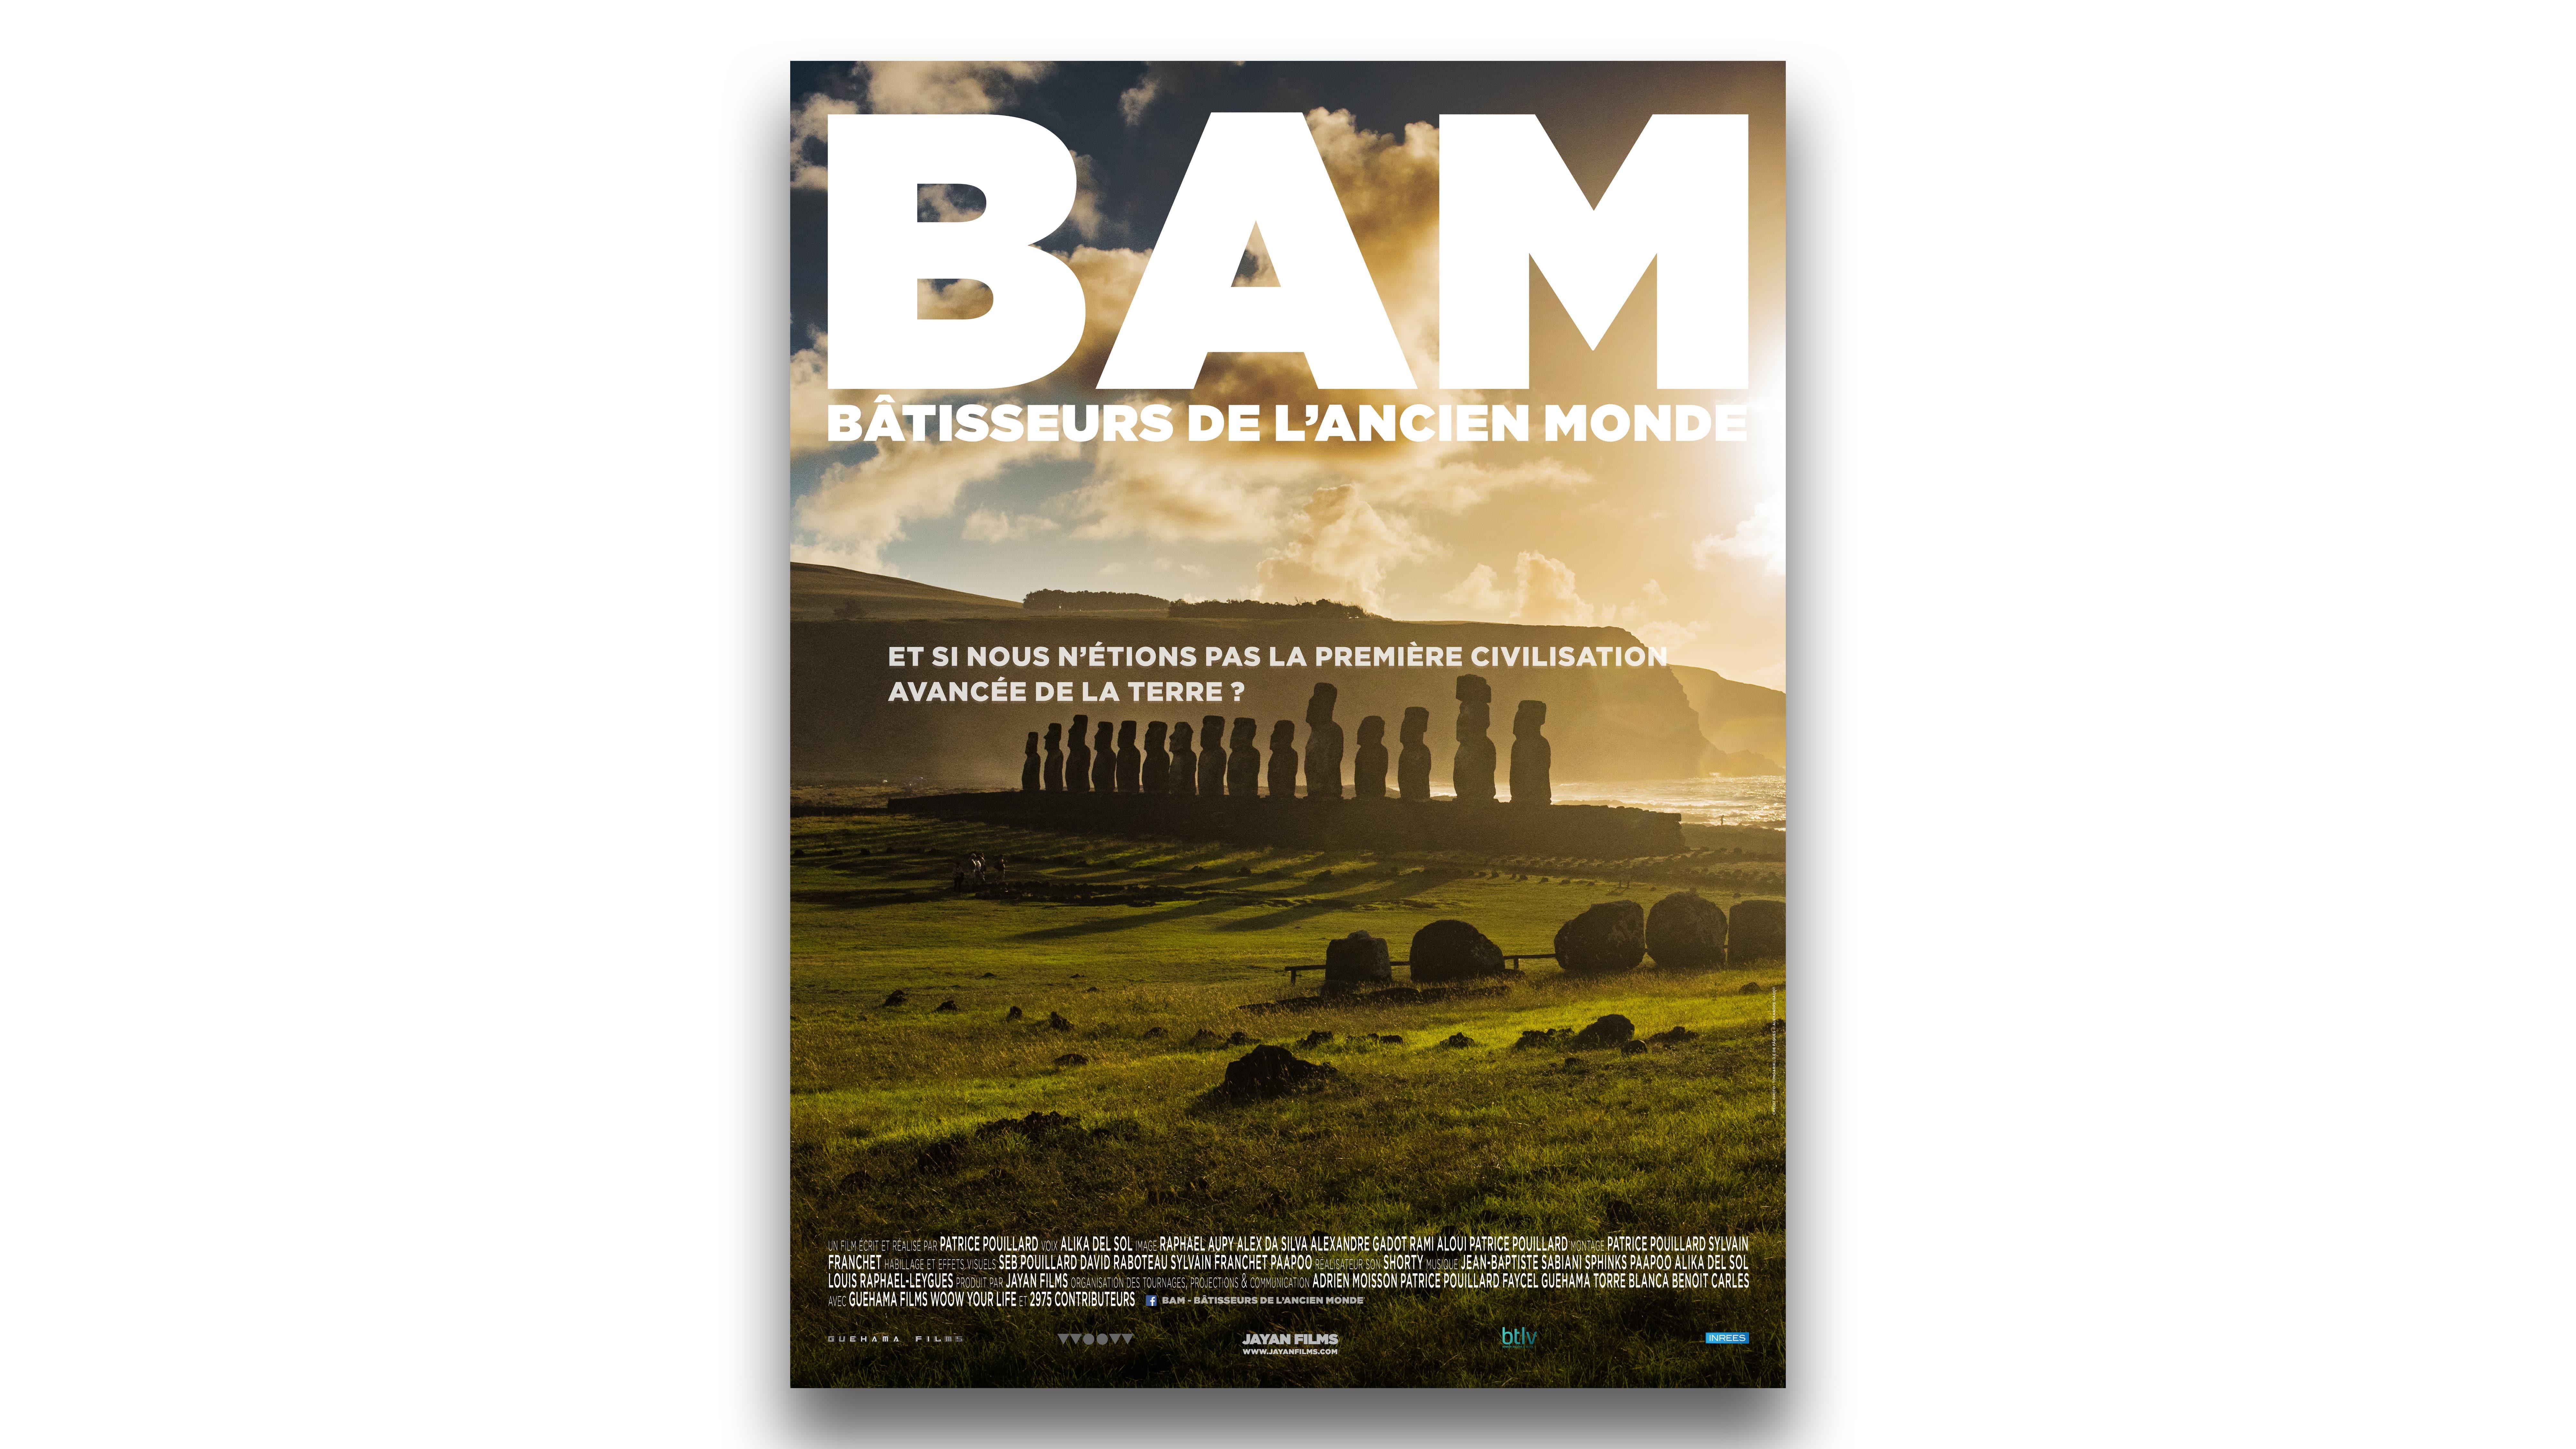 BAM bâtisseur de l'ancien monde patrice pouillard affiche film